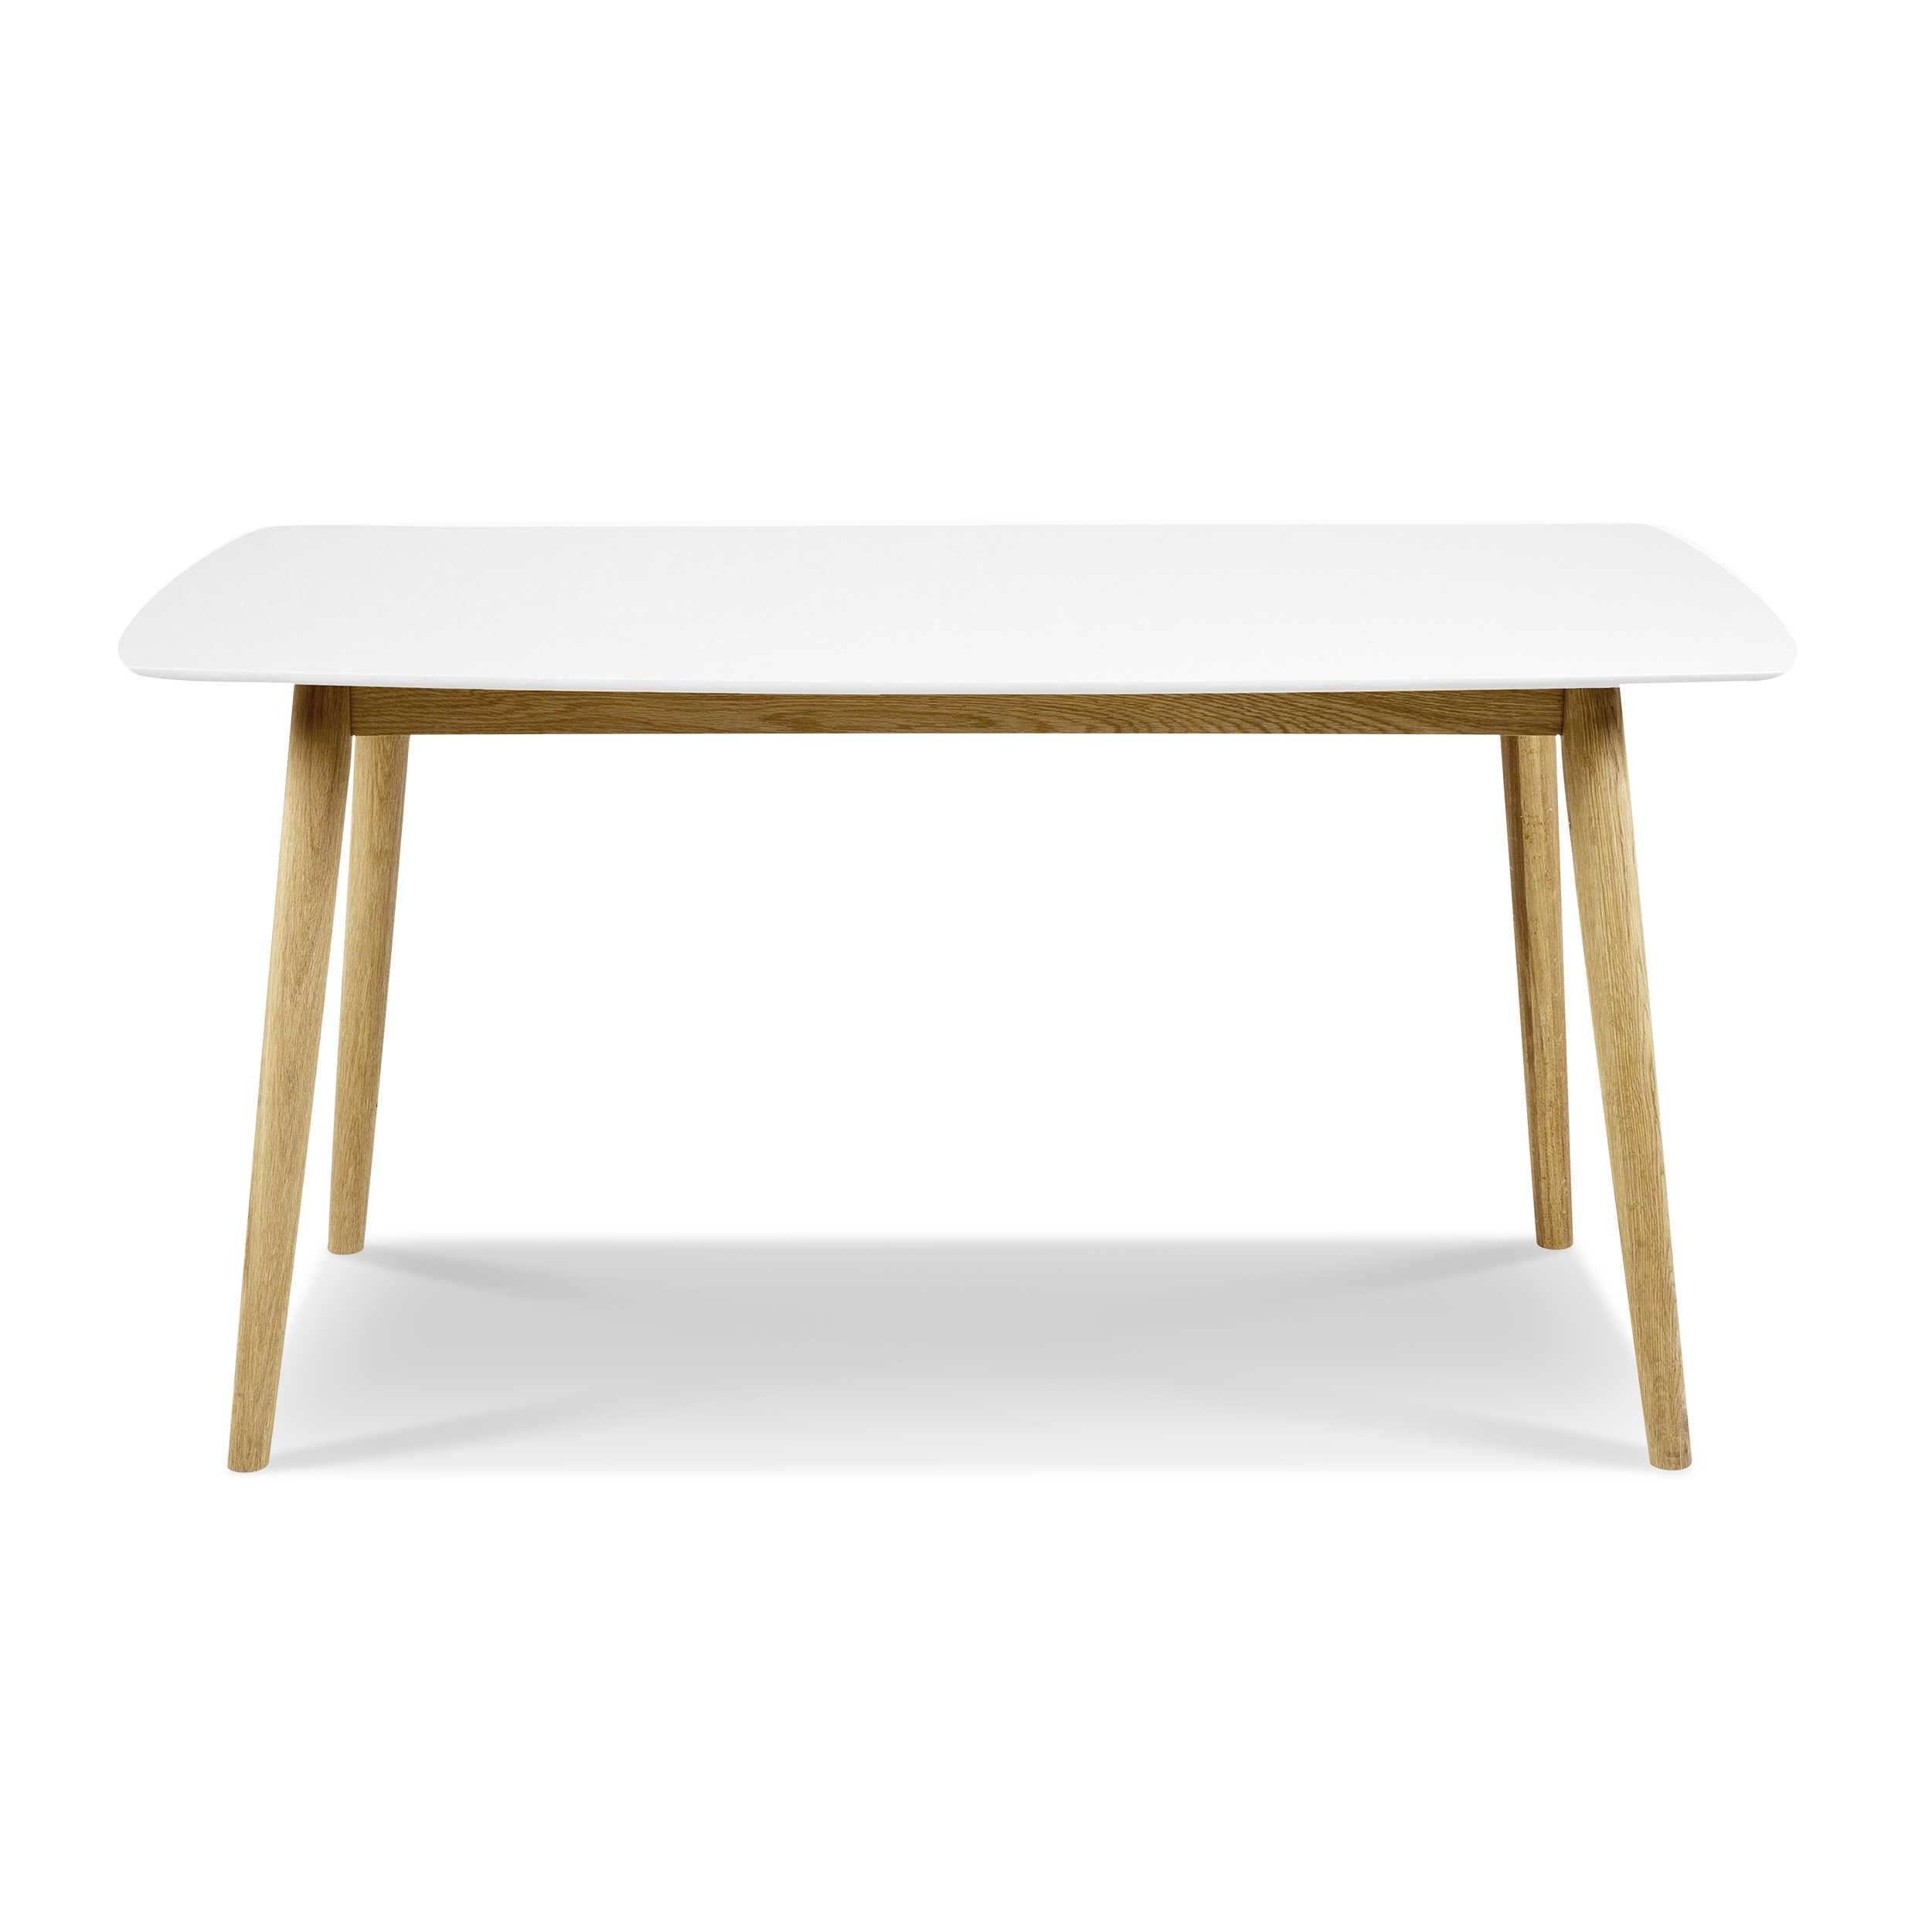 actona esstisch marta 150 x 80 cm wei holz 150 x 80 cm online kaufen bei woonio. Black Bedroom Furniture Sets. Home Design Ideas